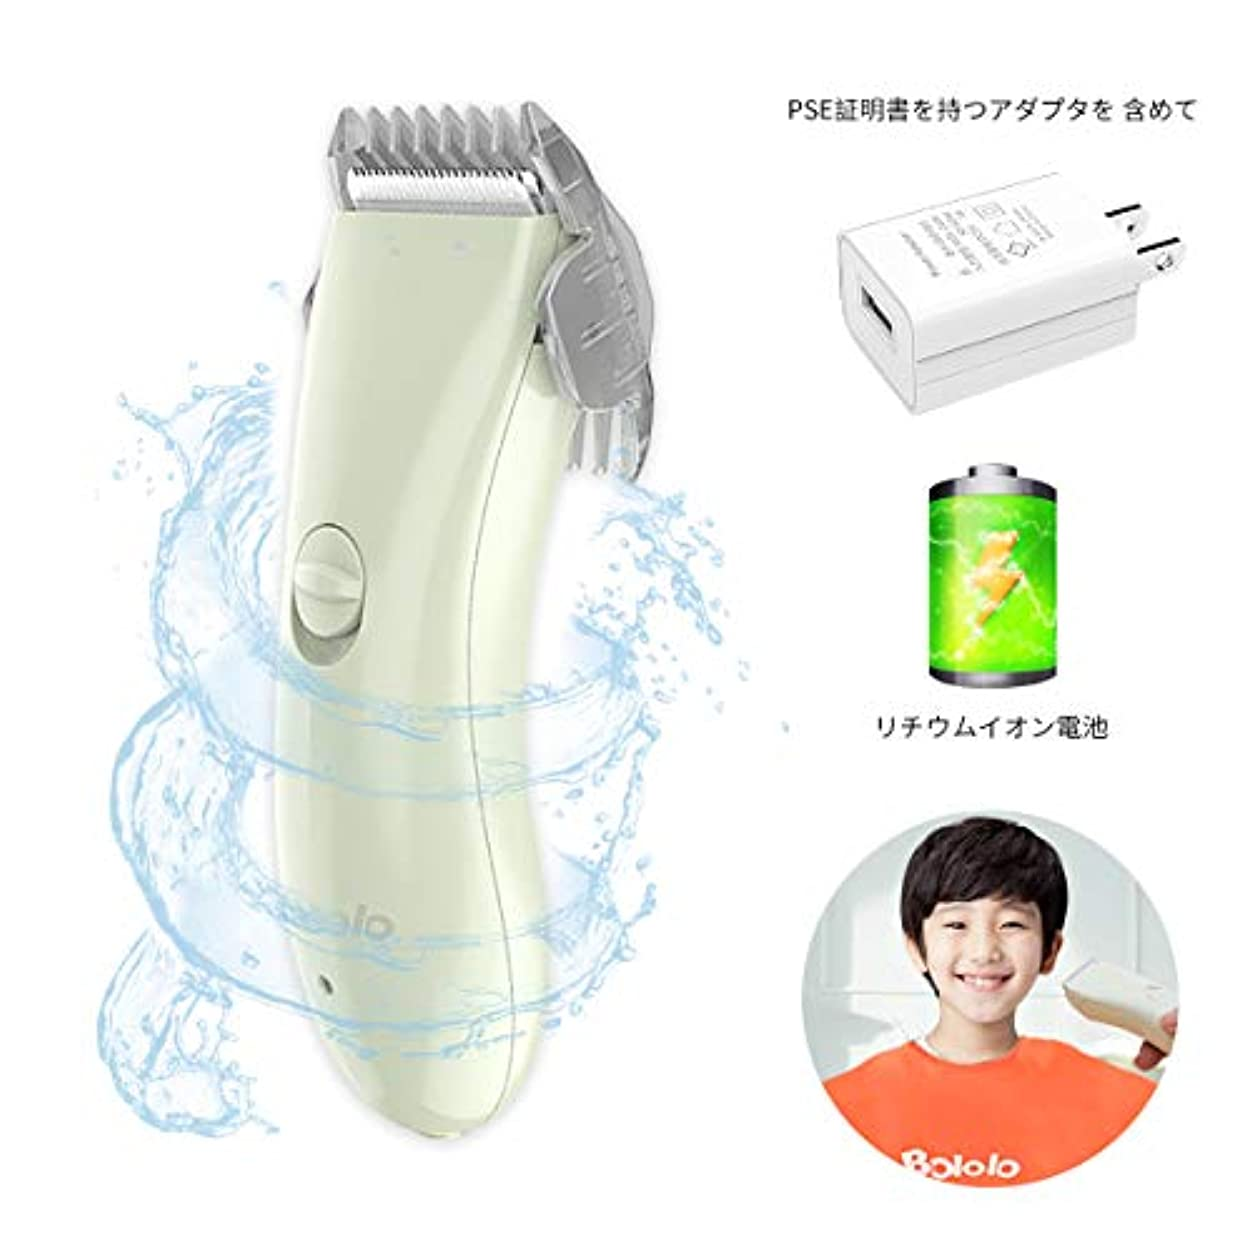 細断ドキドキ精巧なBOLOLO 子供バリカン こども用 散髪 防水 充電·交流式 緑 BL-2400 PSE証明書を持つアダプタを 含めて (緑白) …